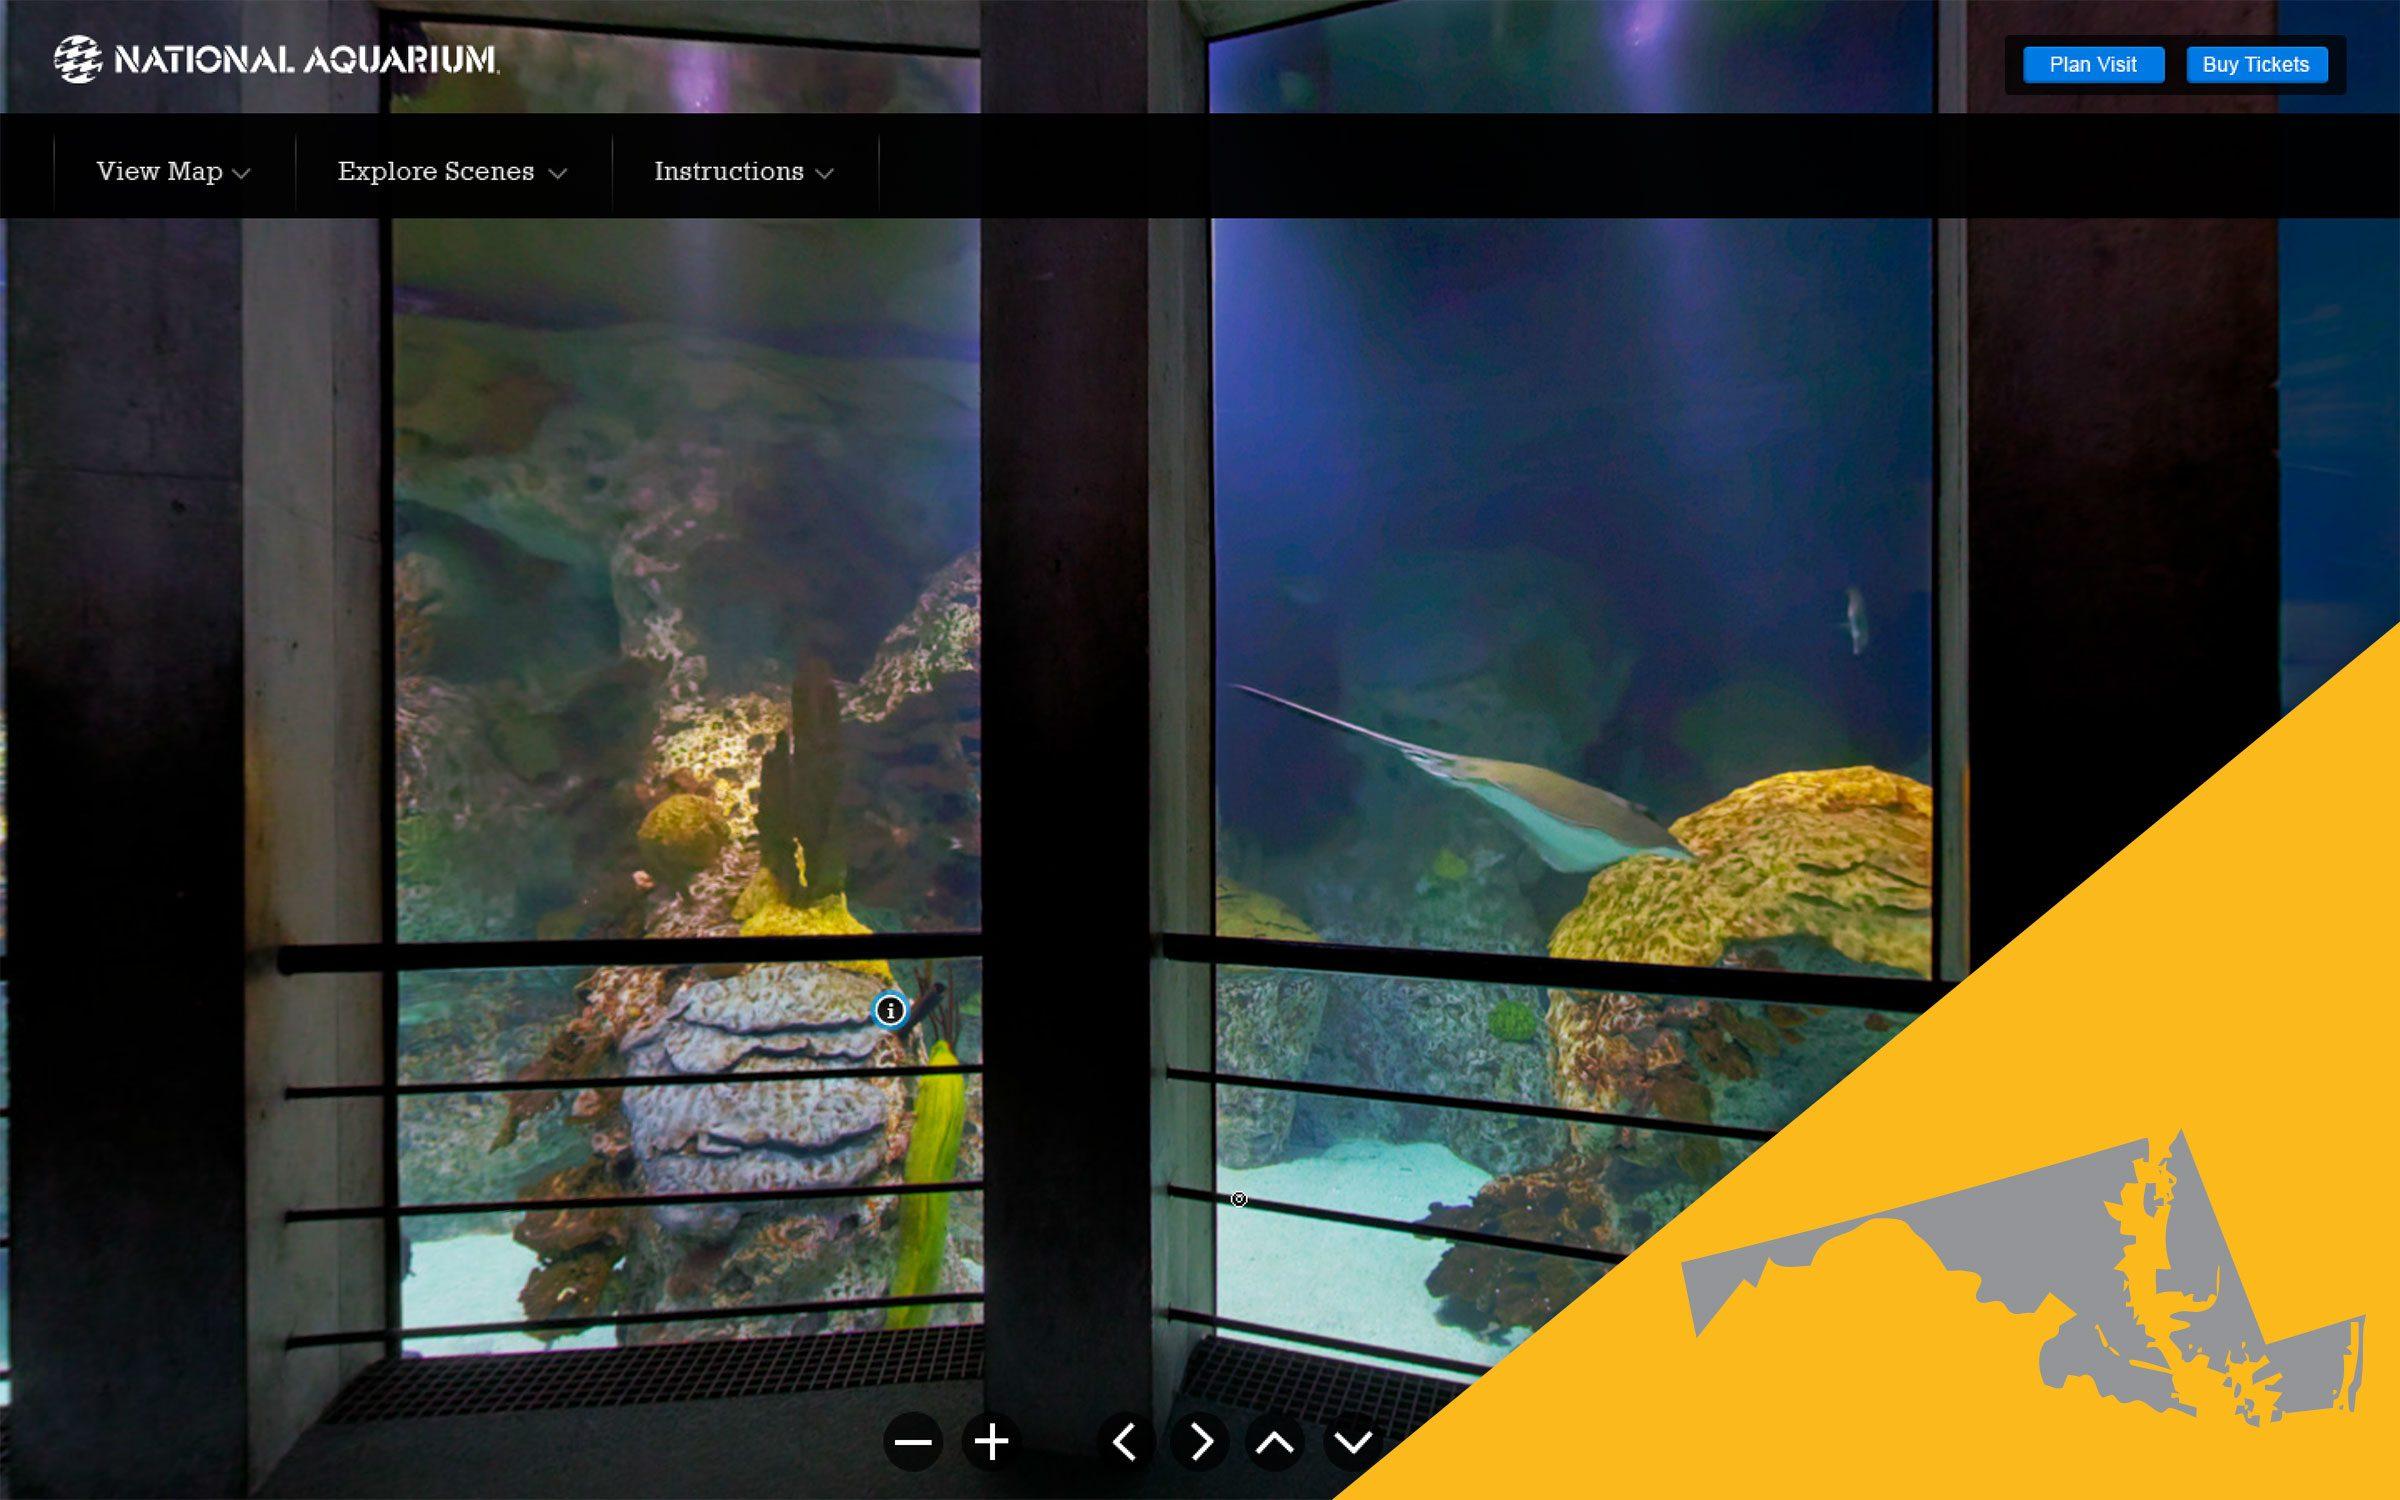 national aquarium virtual tour